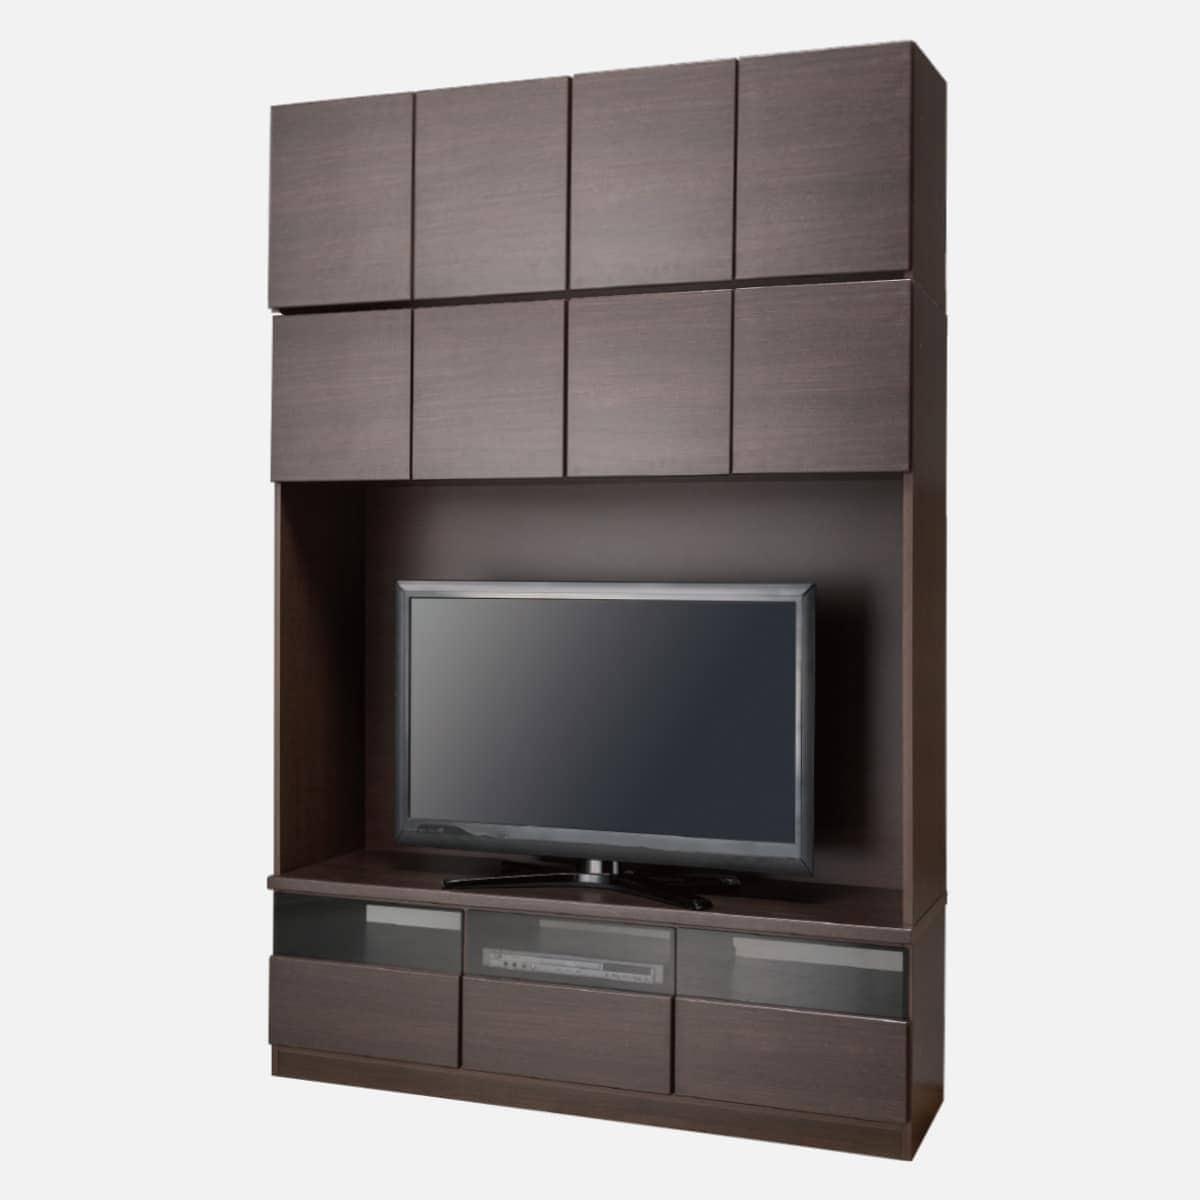 上置き付き壁面ユニットTVボード(ウォーレン 150セット DBR) ニトリ 【配送員設置】 【5年保証】